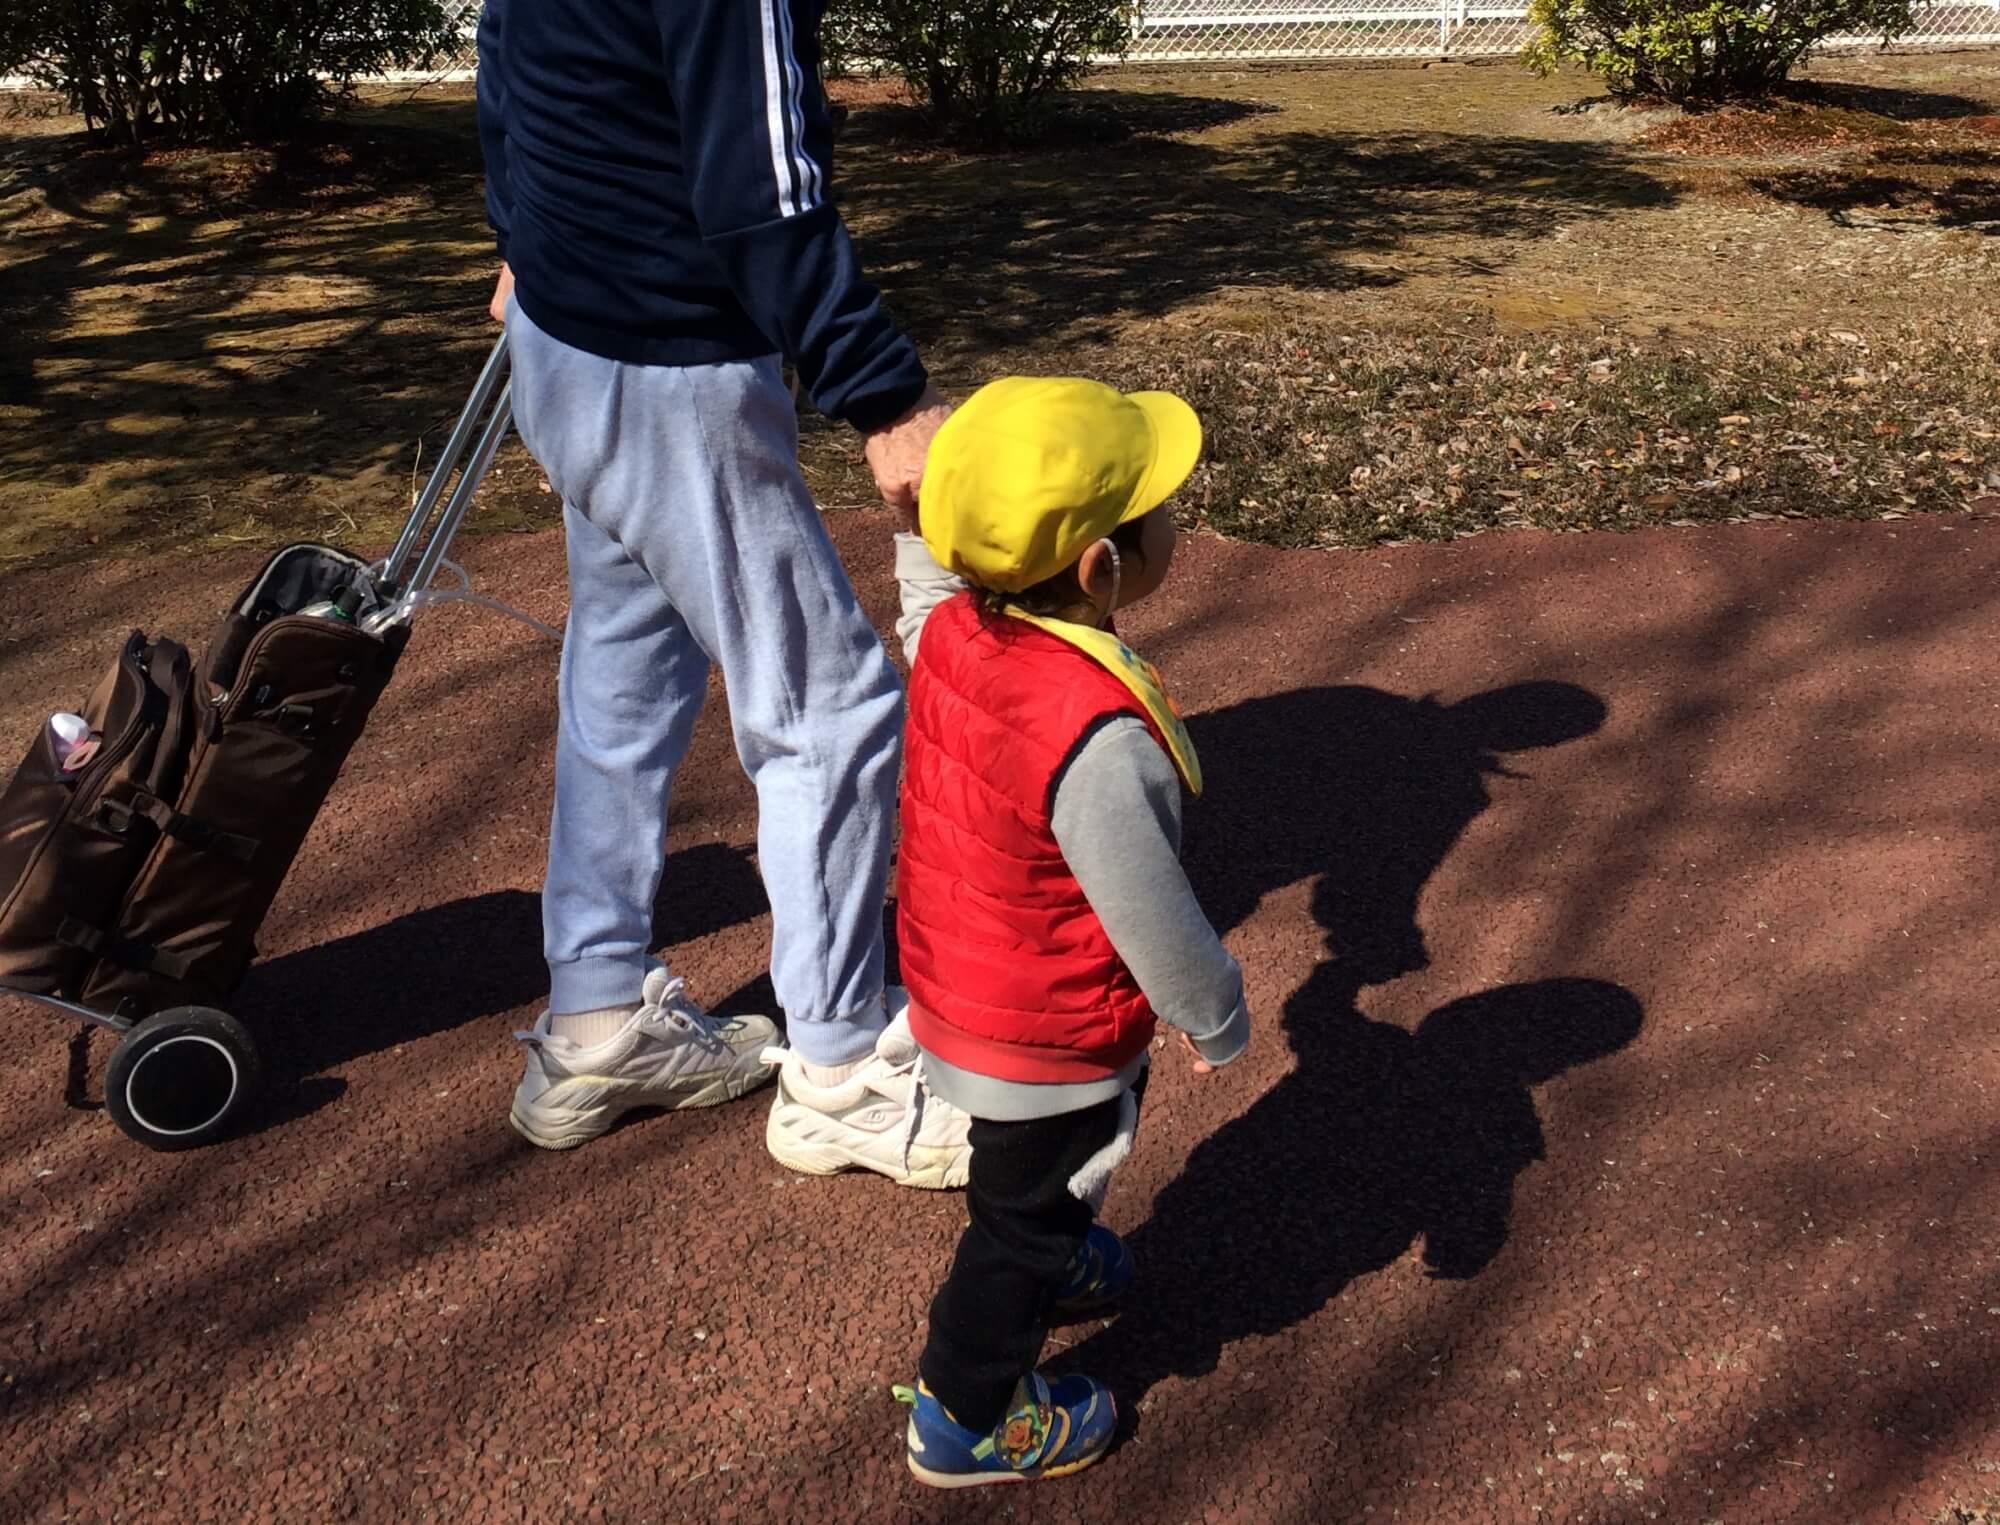 ケアセンターの利用者と散歩する園児